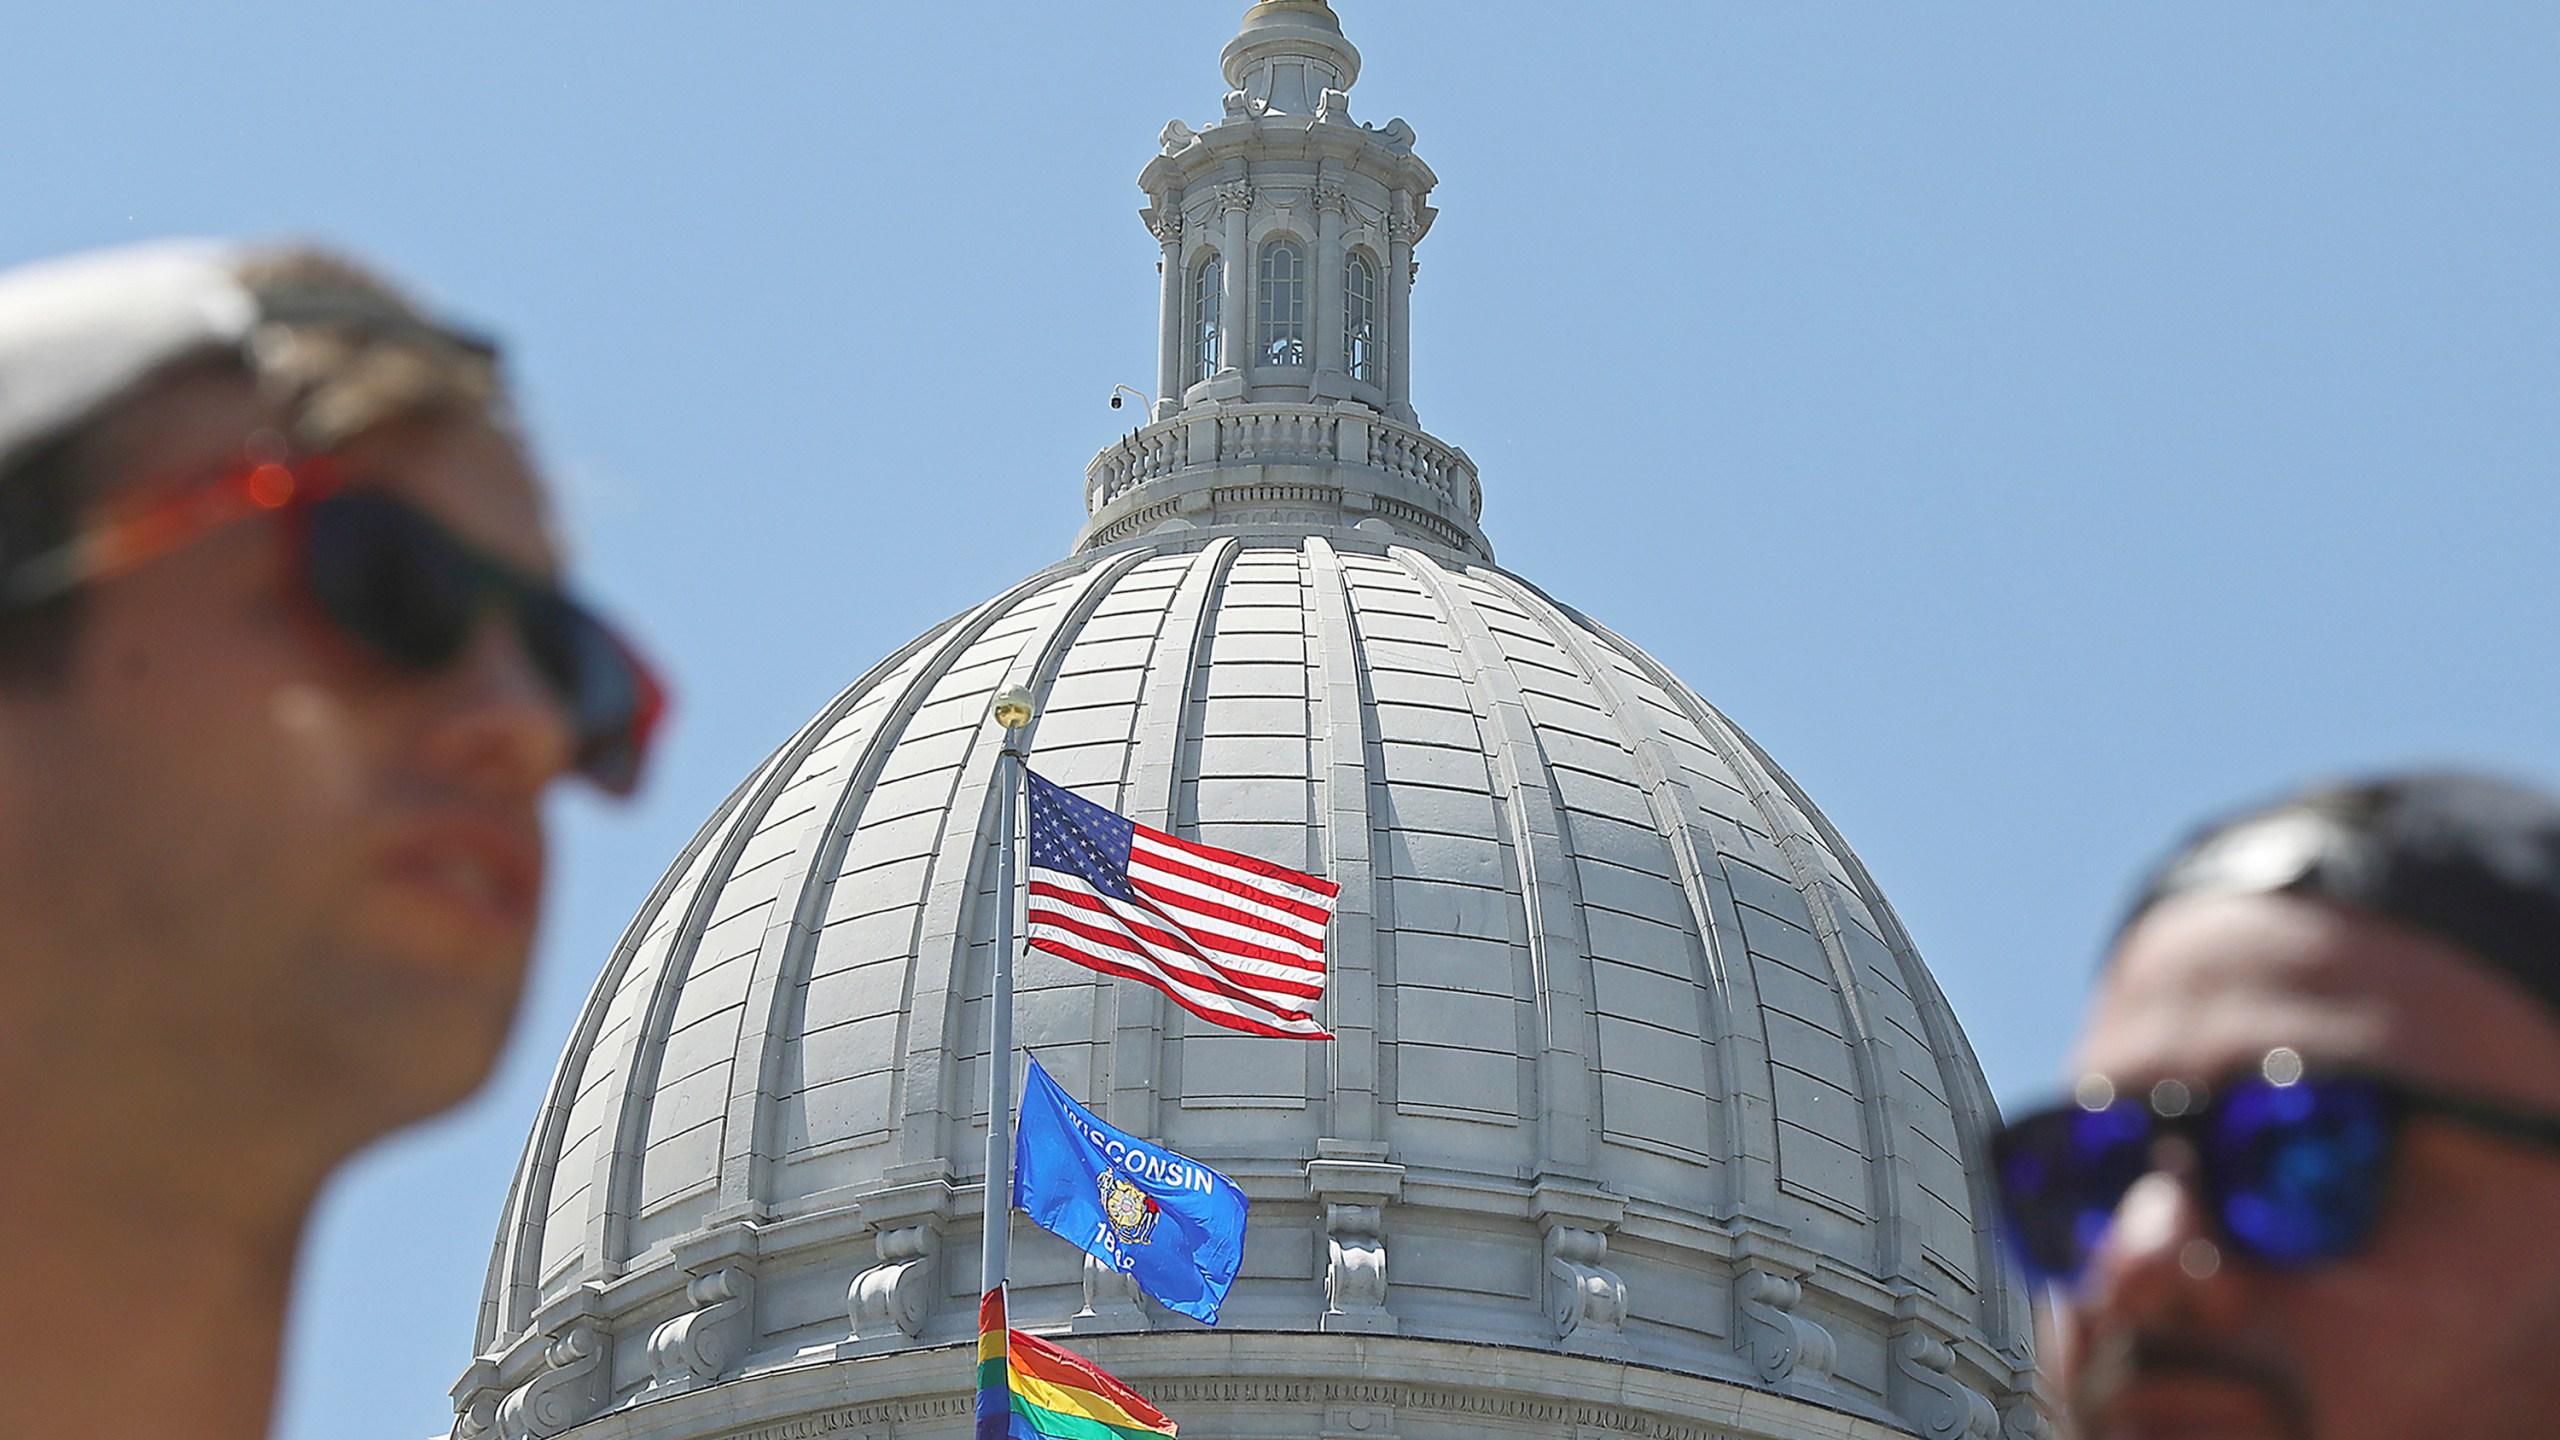 Pride_Flag_Wisconsin_96883-159532.jpg02531256